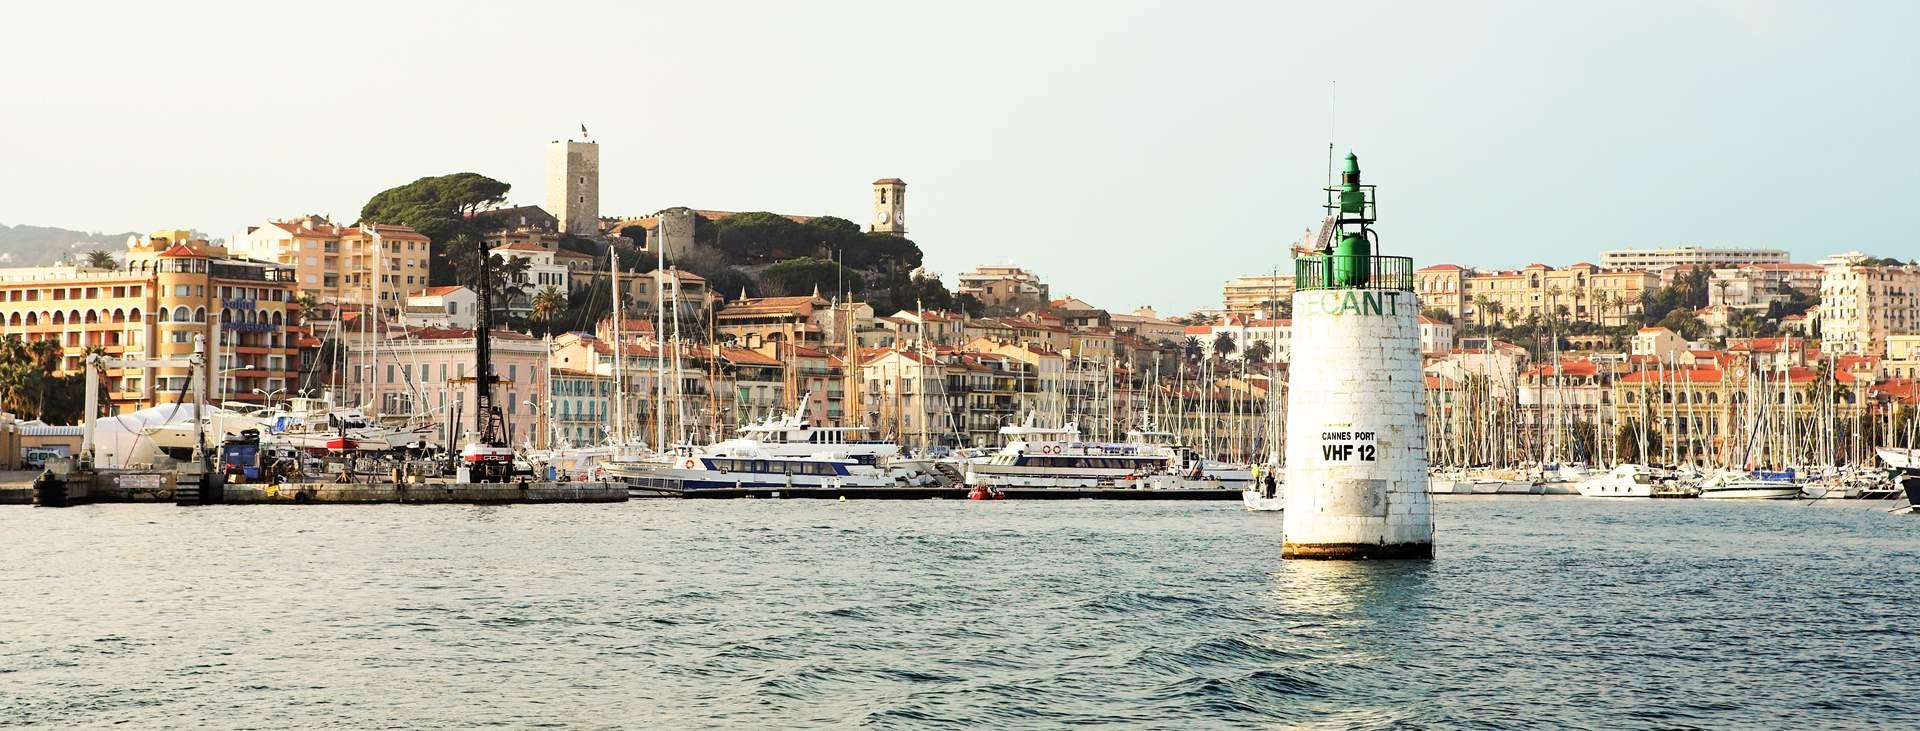 Bestill en reise til Cannes i Frankrike